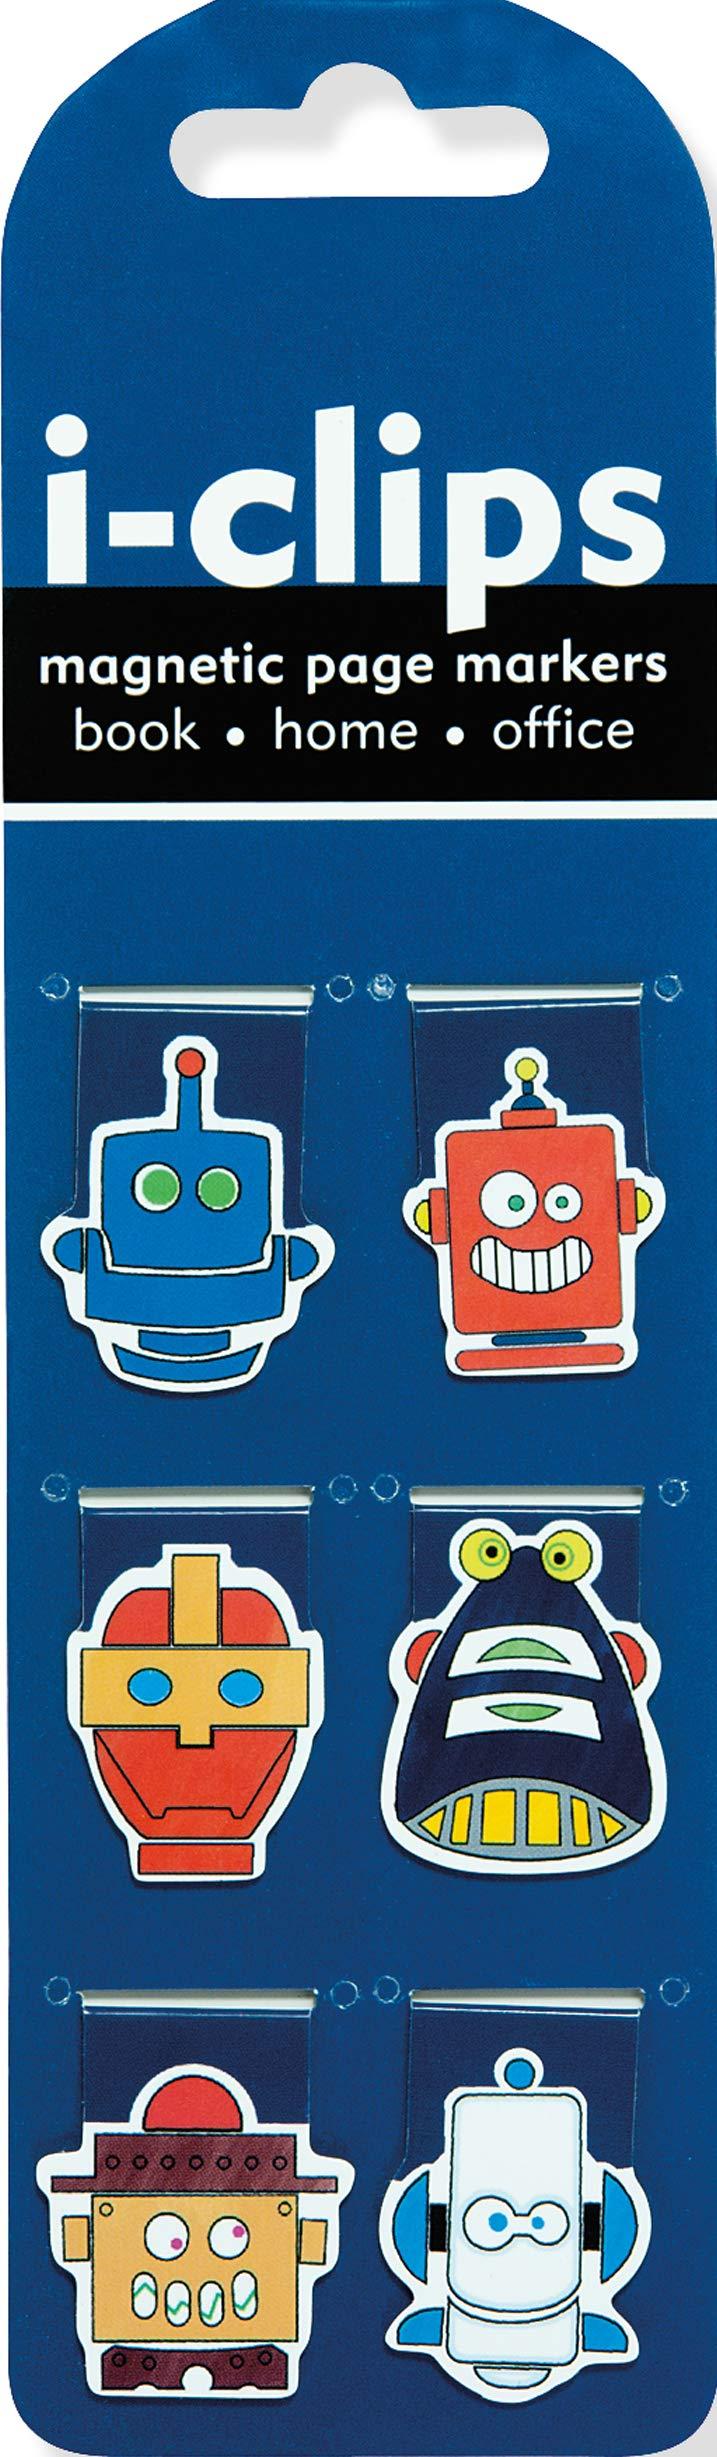 Book Mark Robots